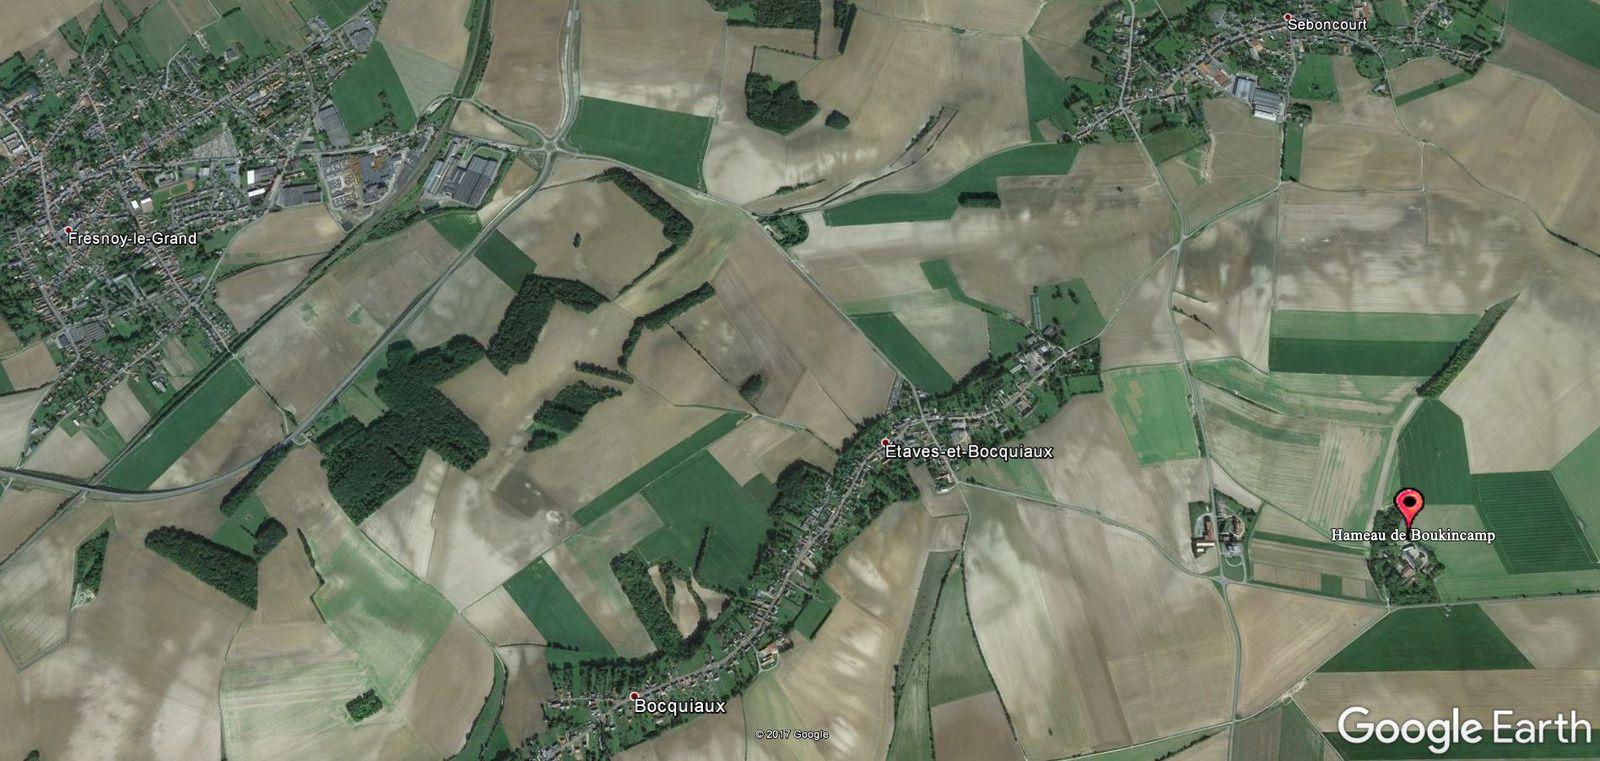 A proximité d'Étaves-et-Bocquiaux en direction d'Aisonville-Bernoville.